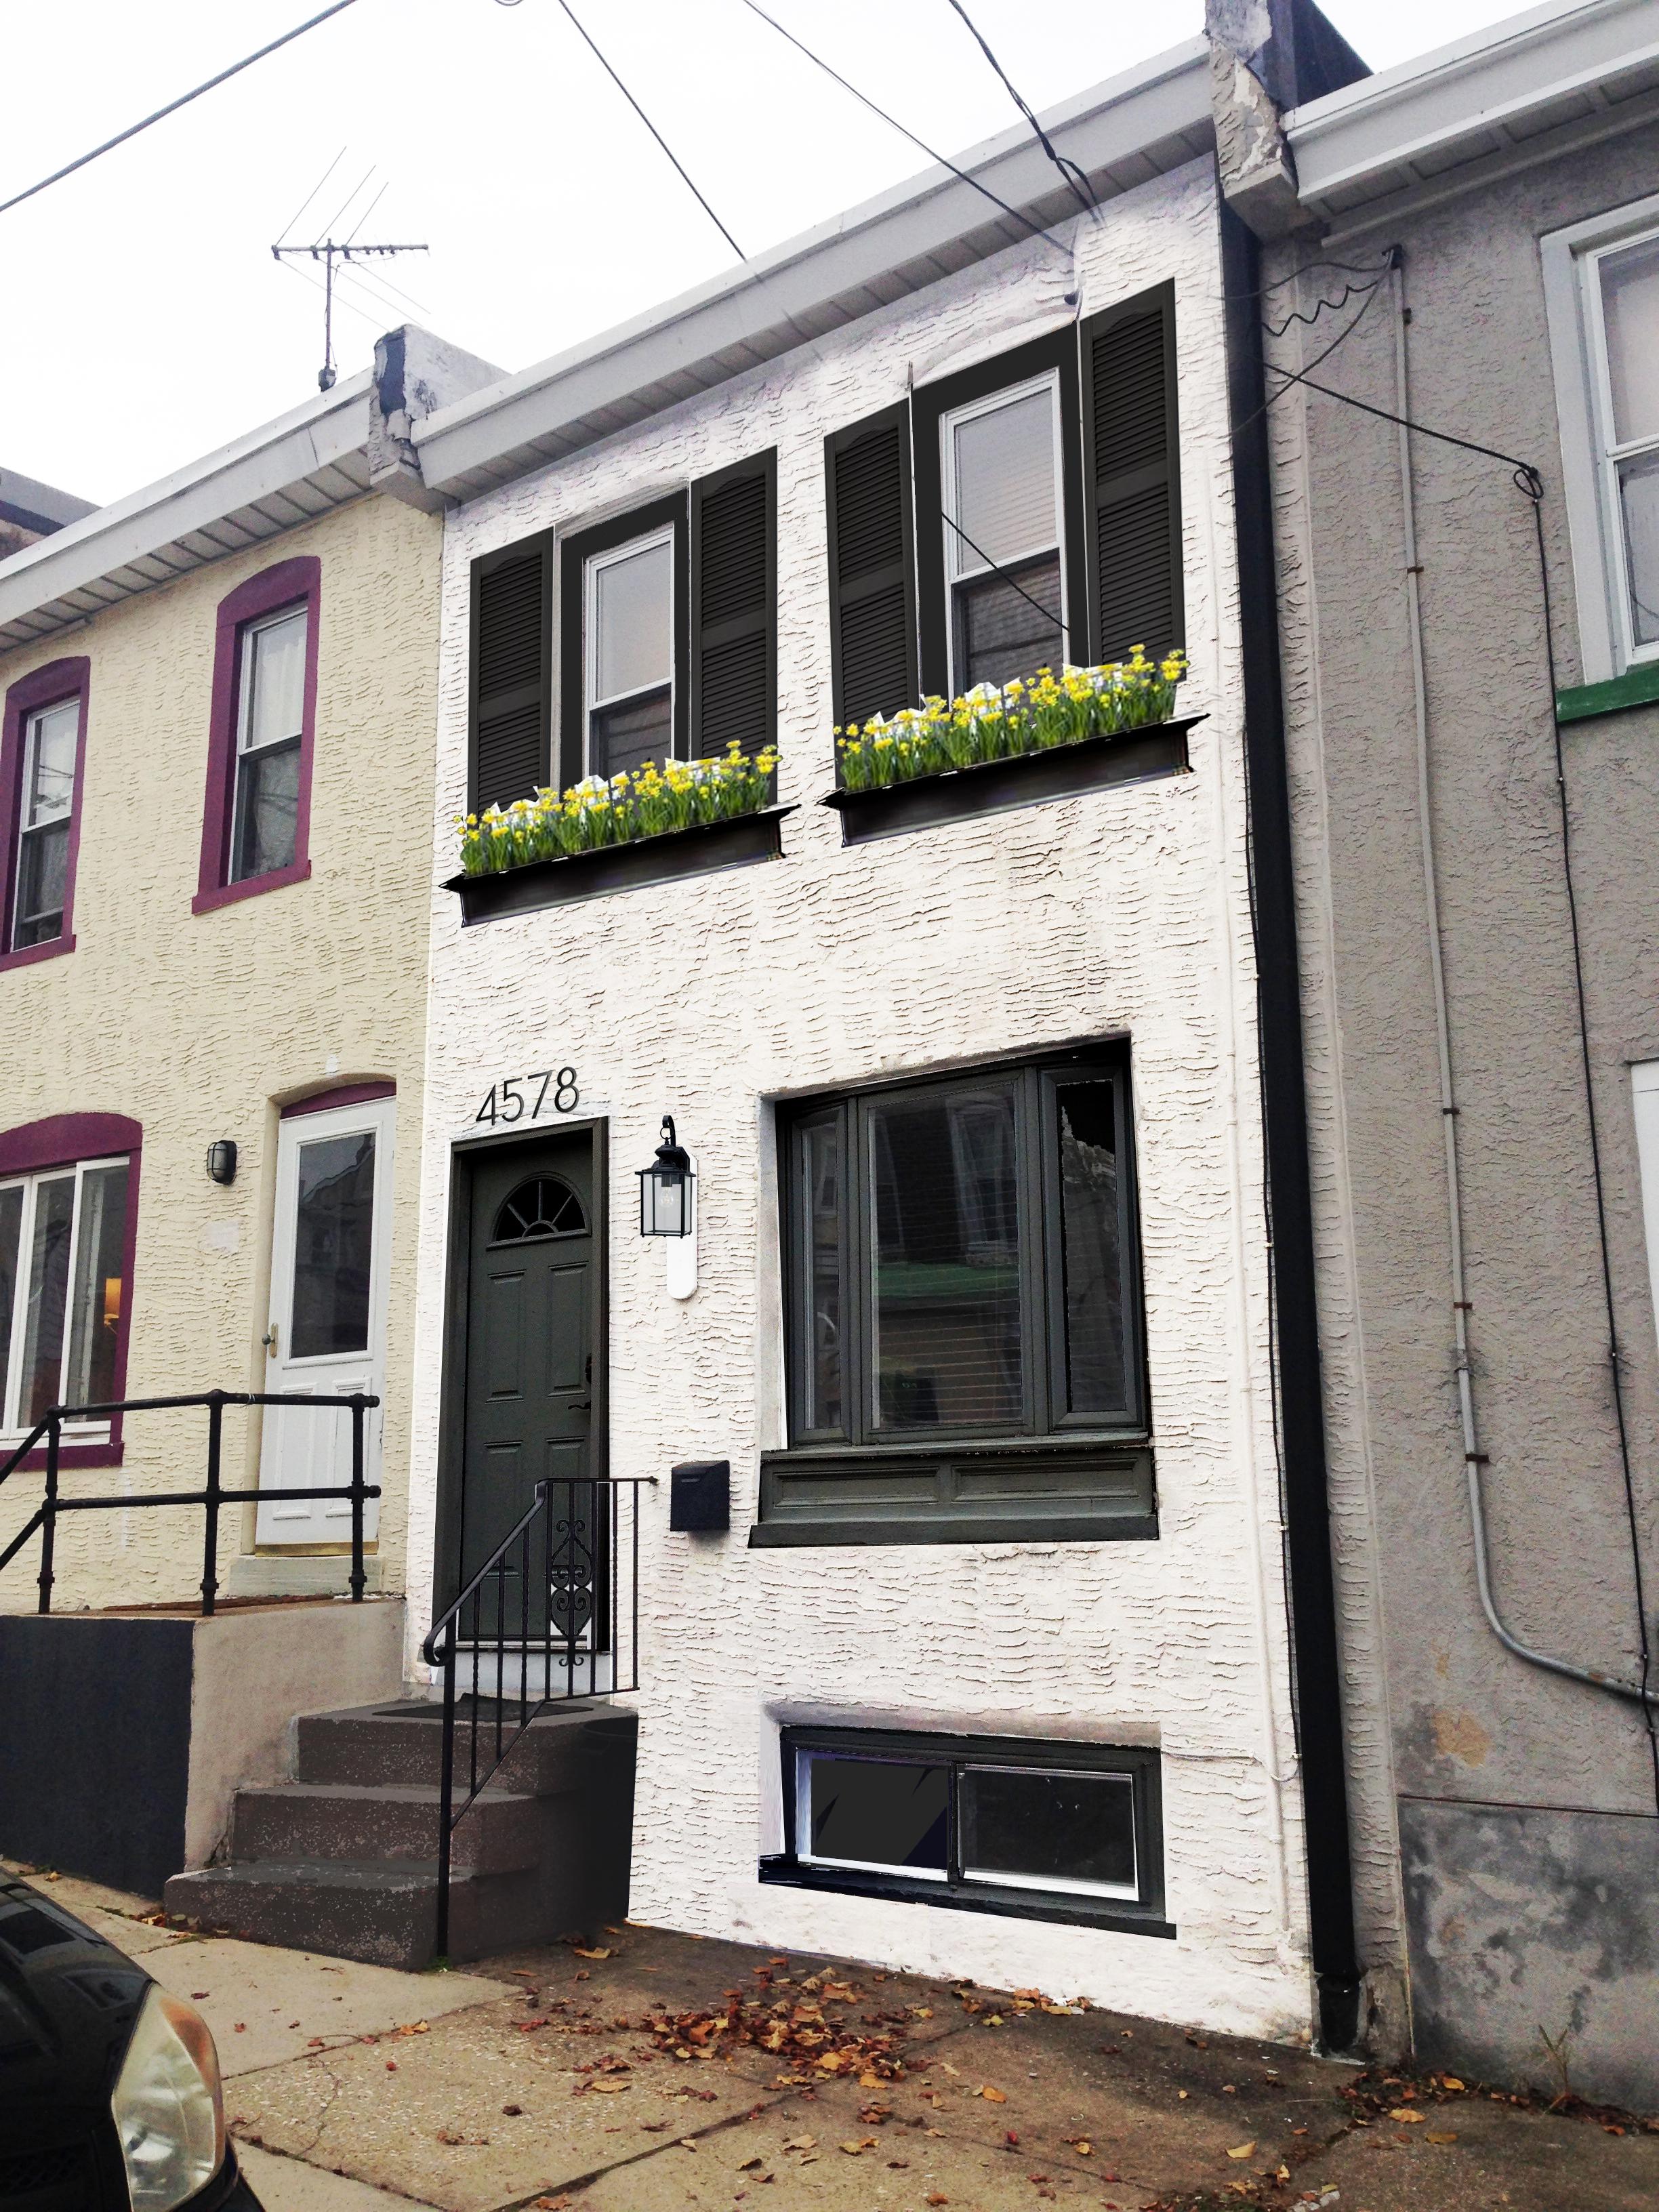 Photoshop fun for White stucco house black trim